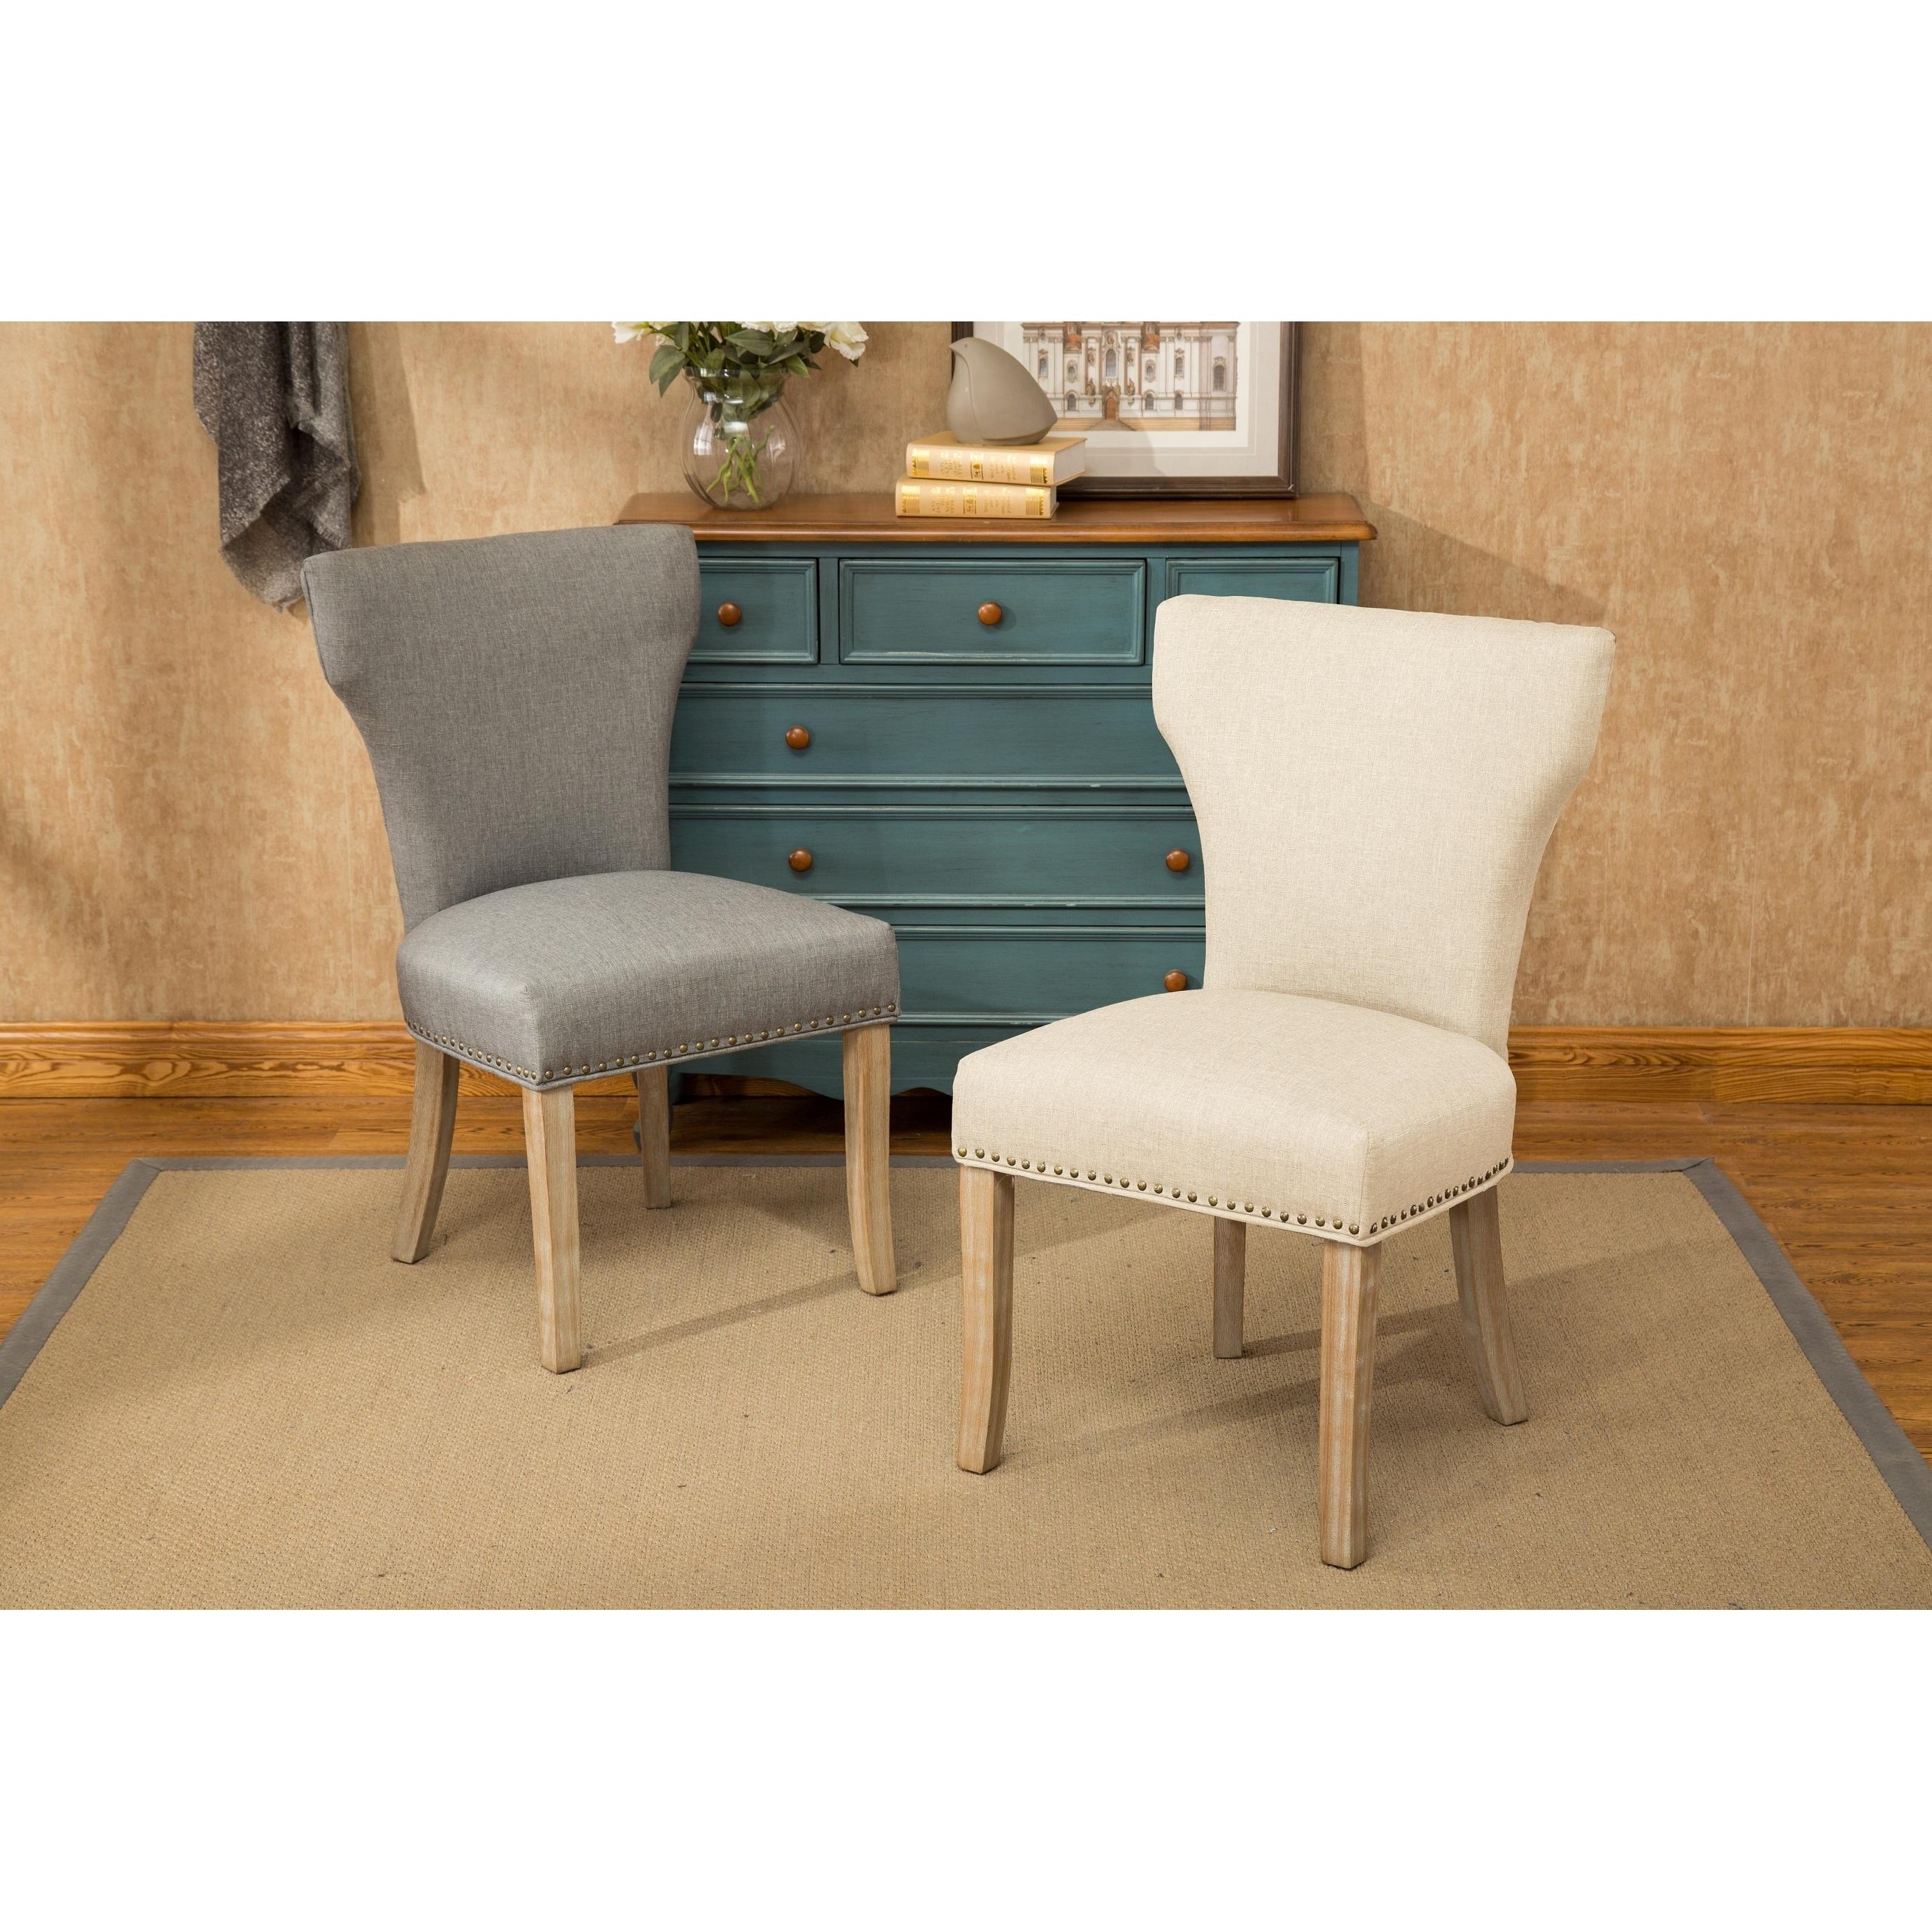 Roundhill Furniture Caen Nailhead Trim Armless Chair, Set of 2, Tan